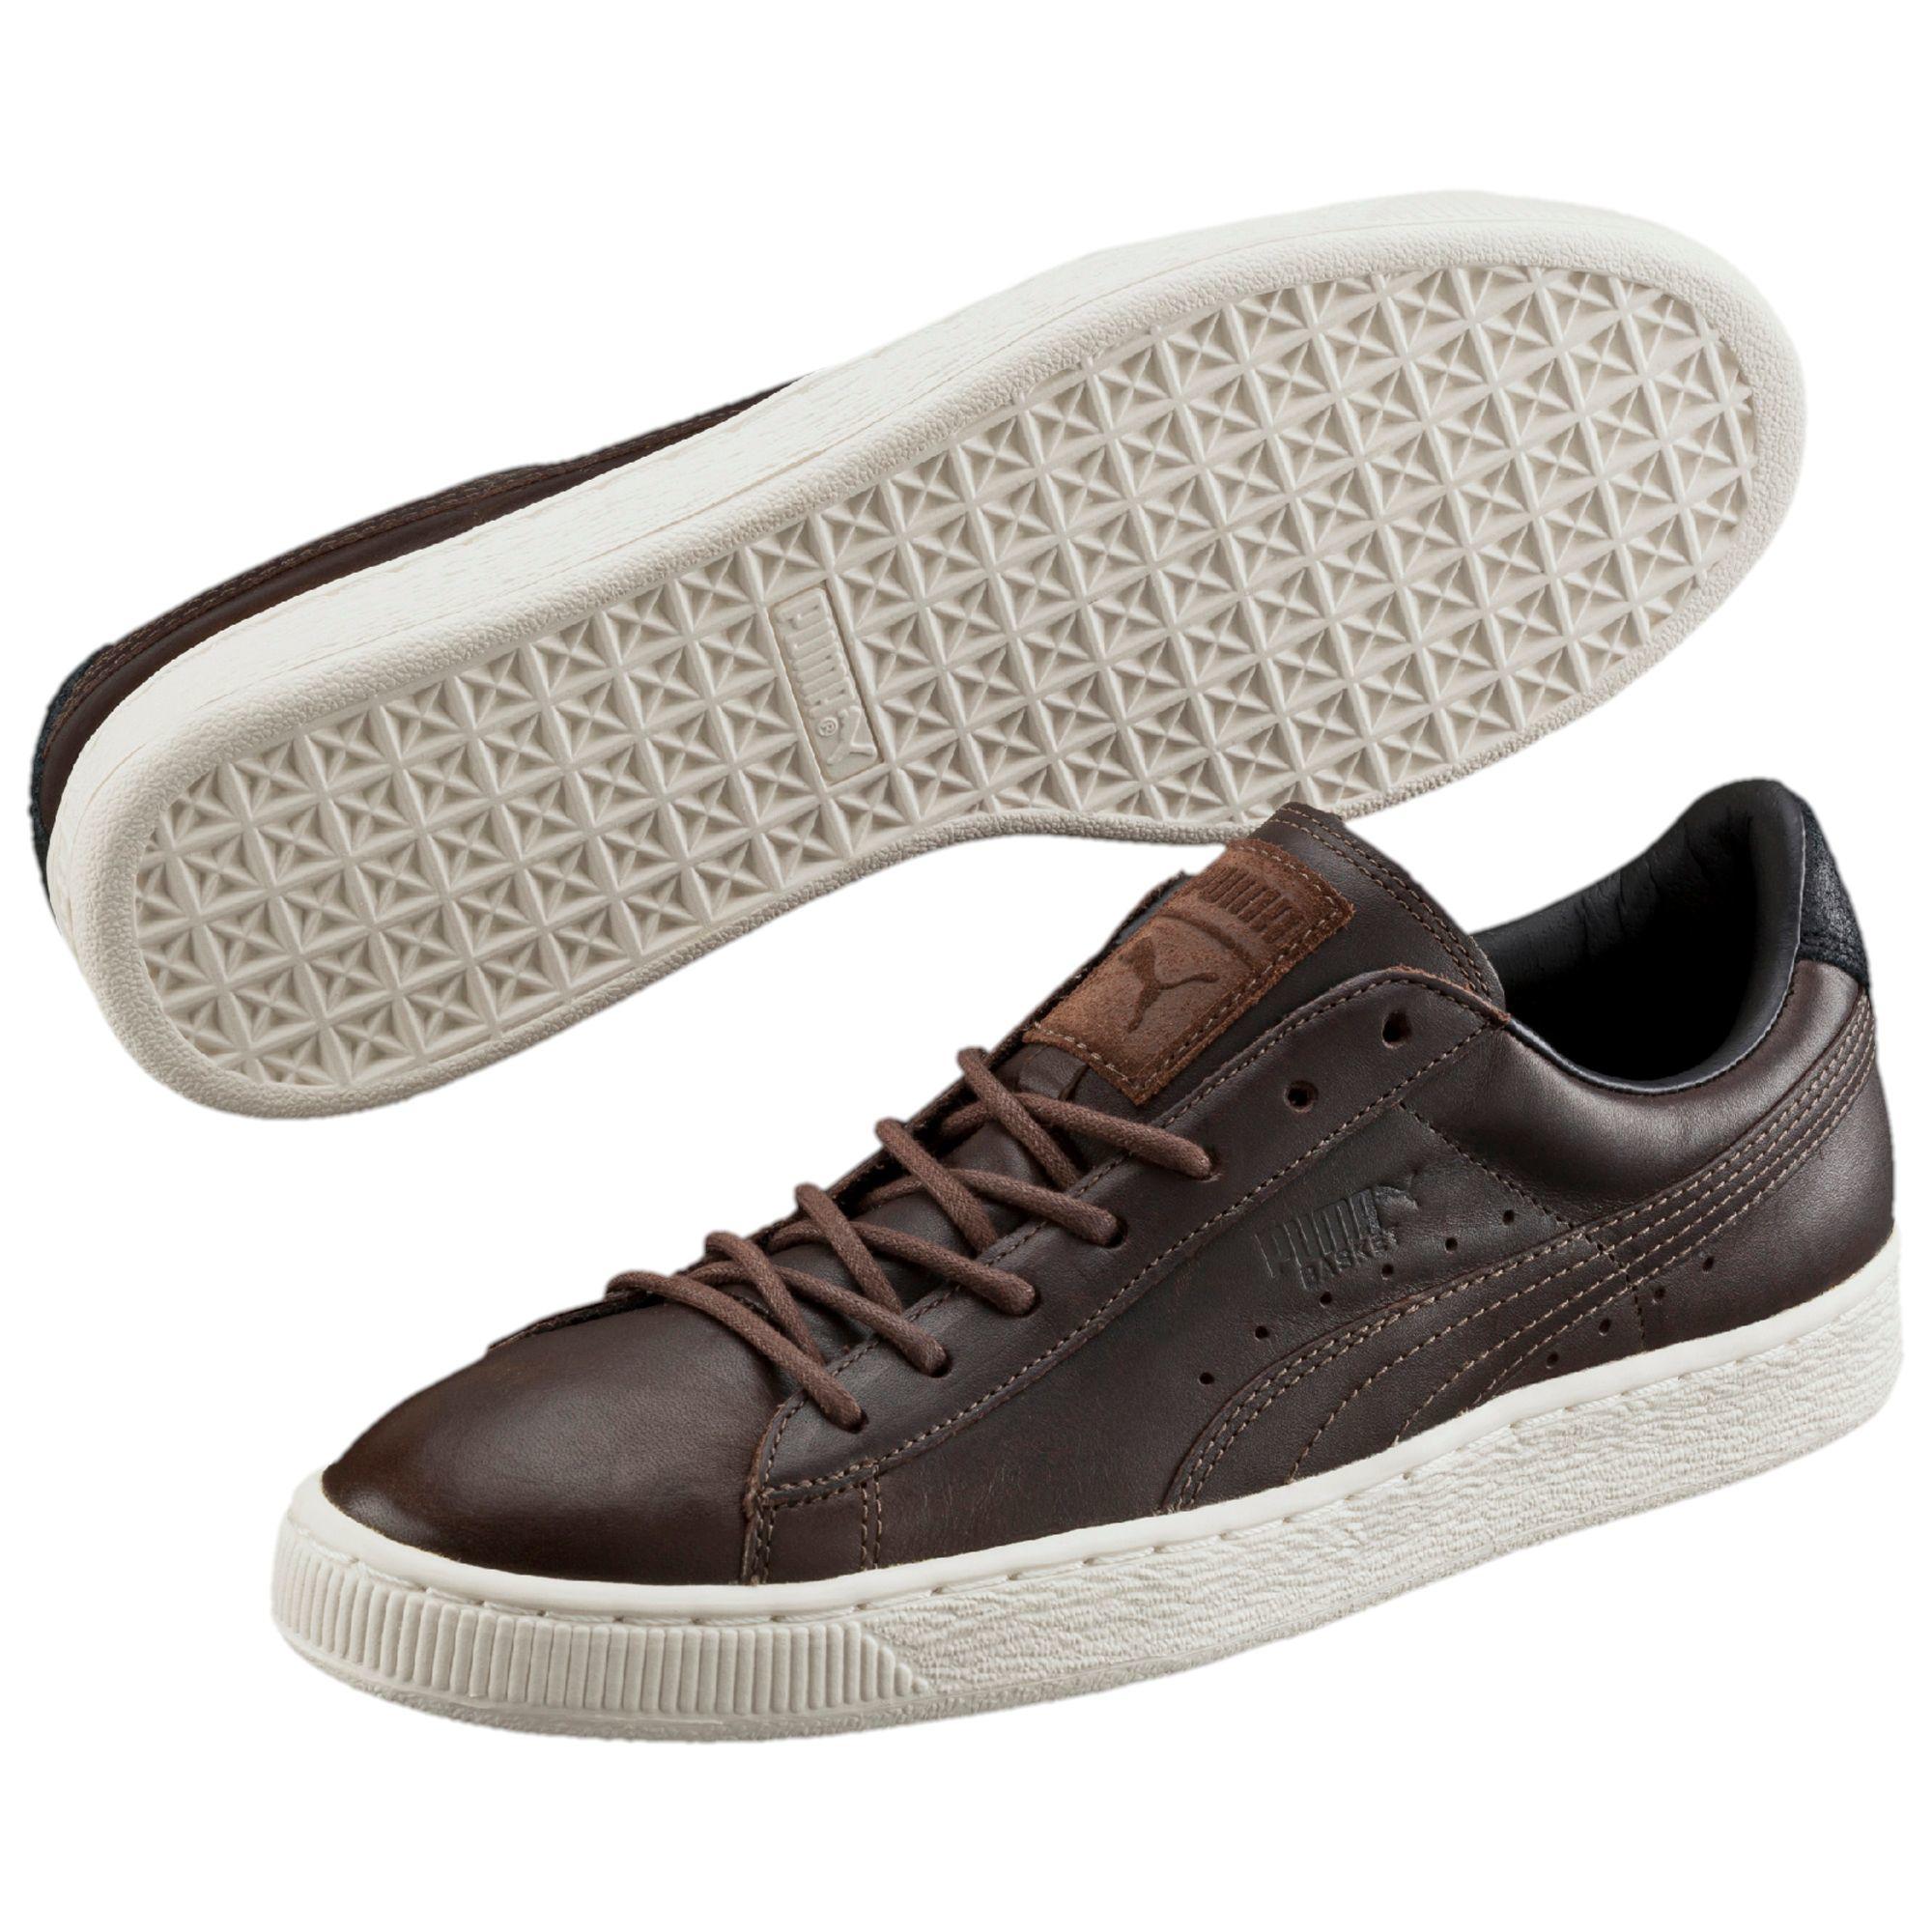 Lyst - PUMA Basket Citi Series Men s Sneakers in Brown for Men b7828c4ff